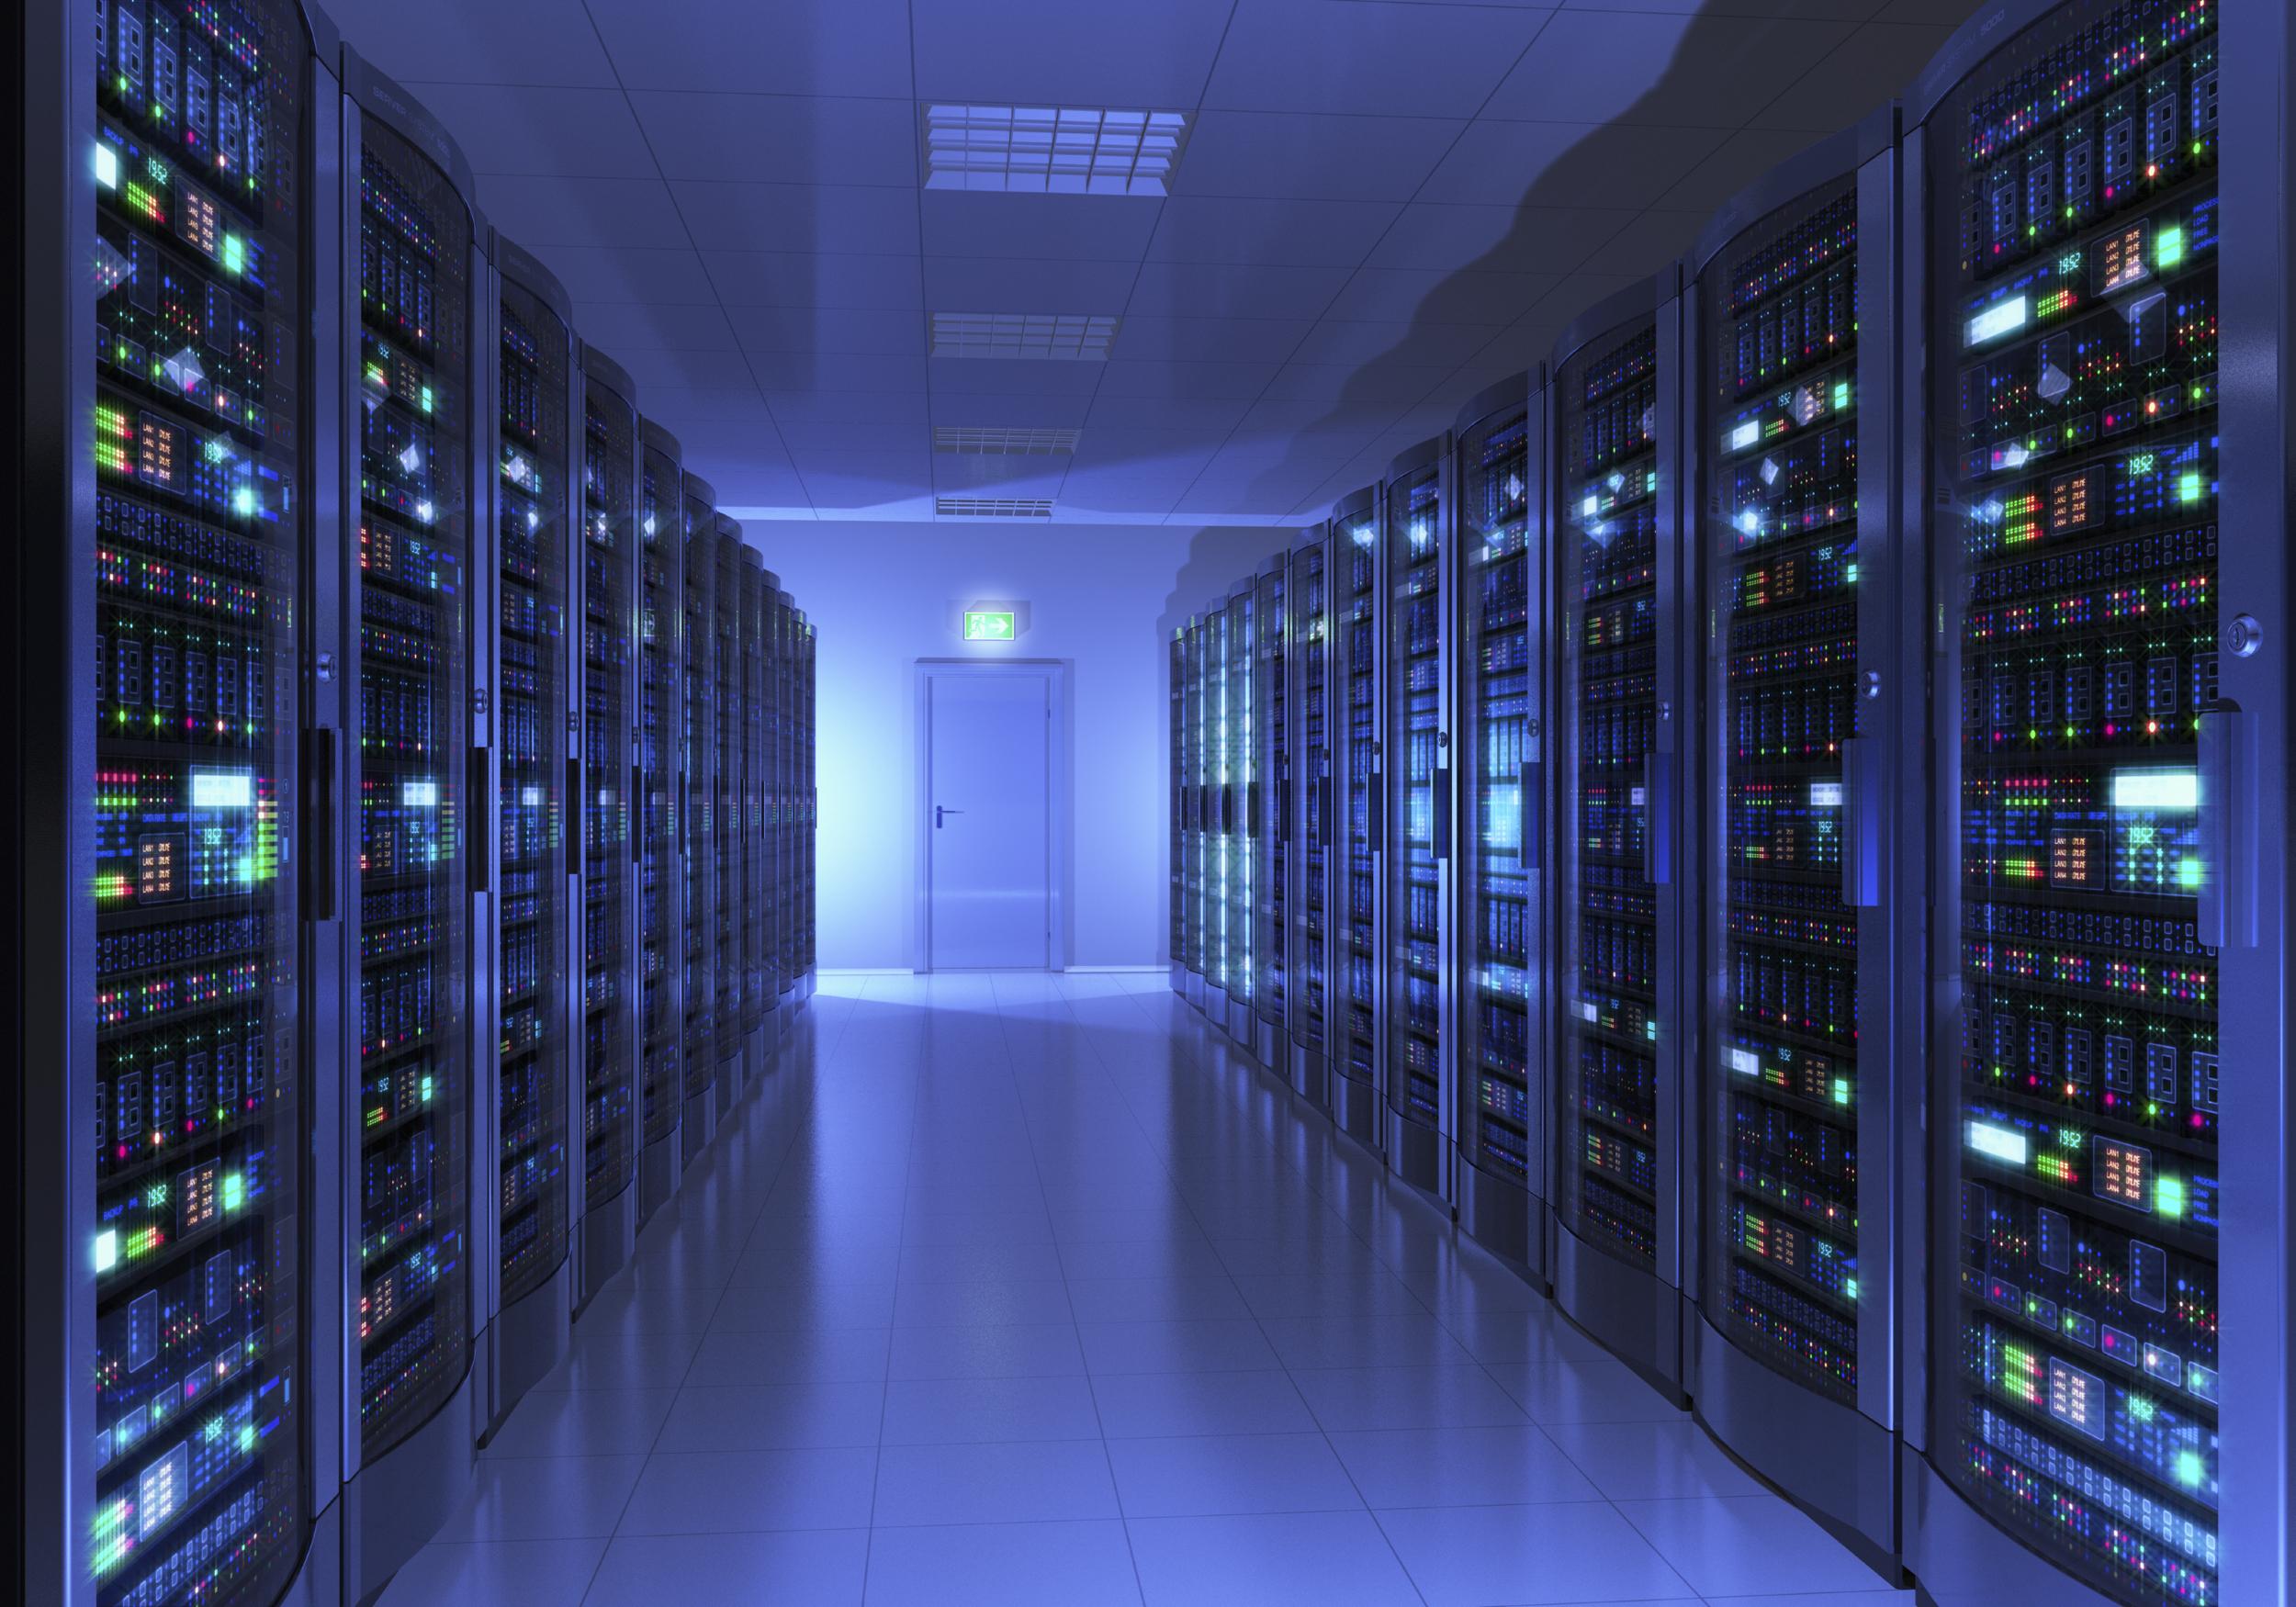 Data Center Isle w Server Racks.jpg